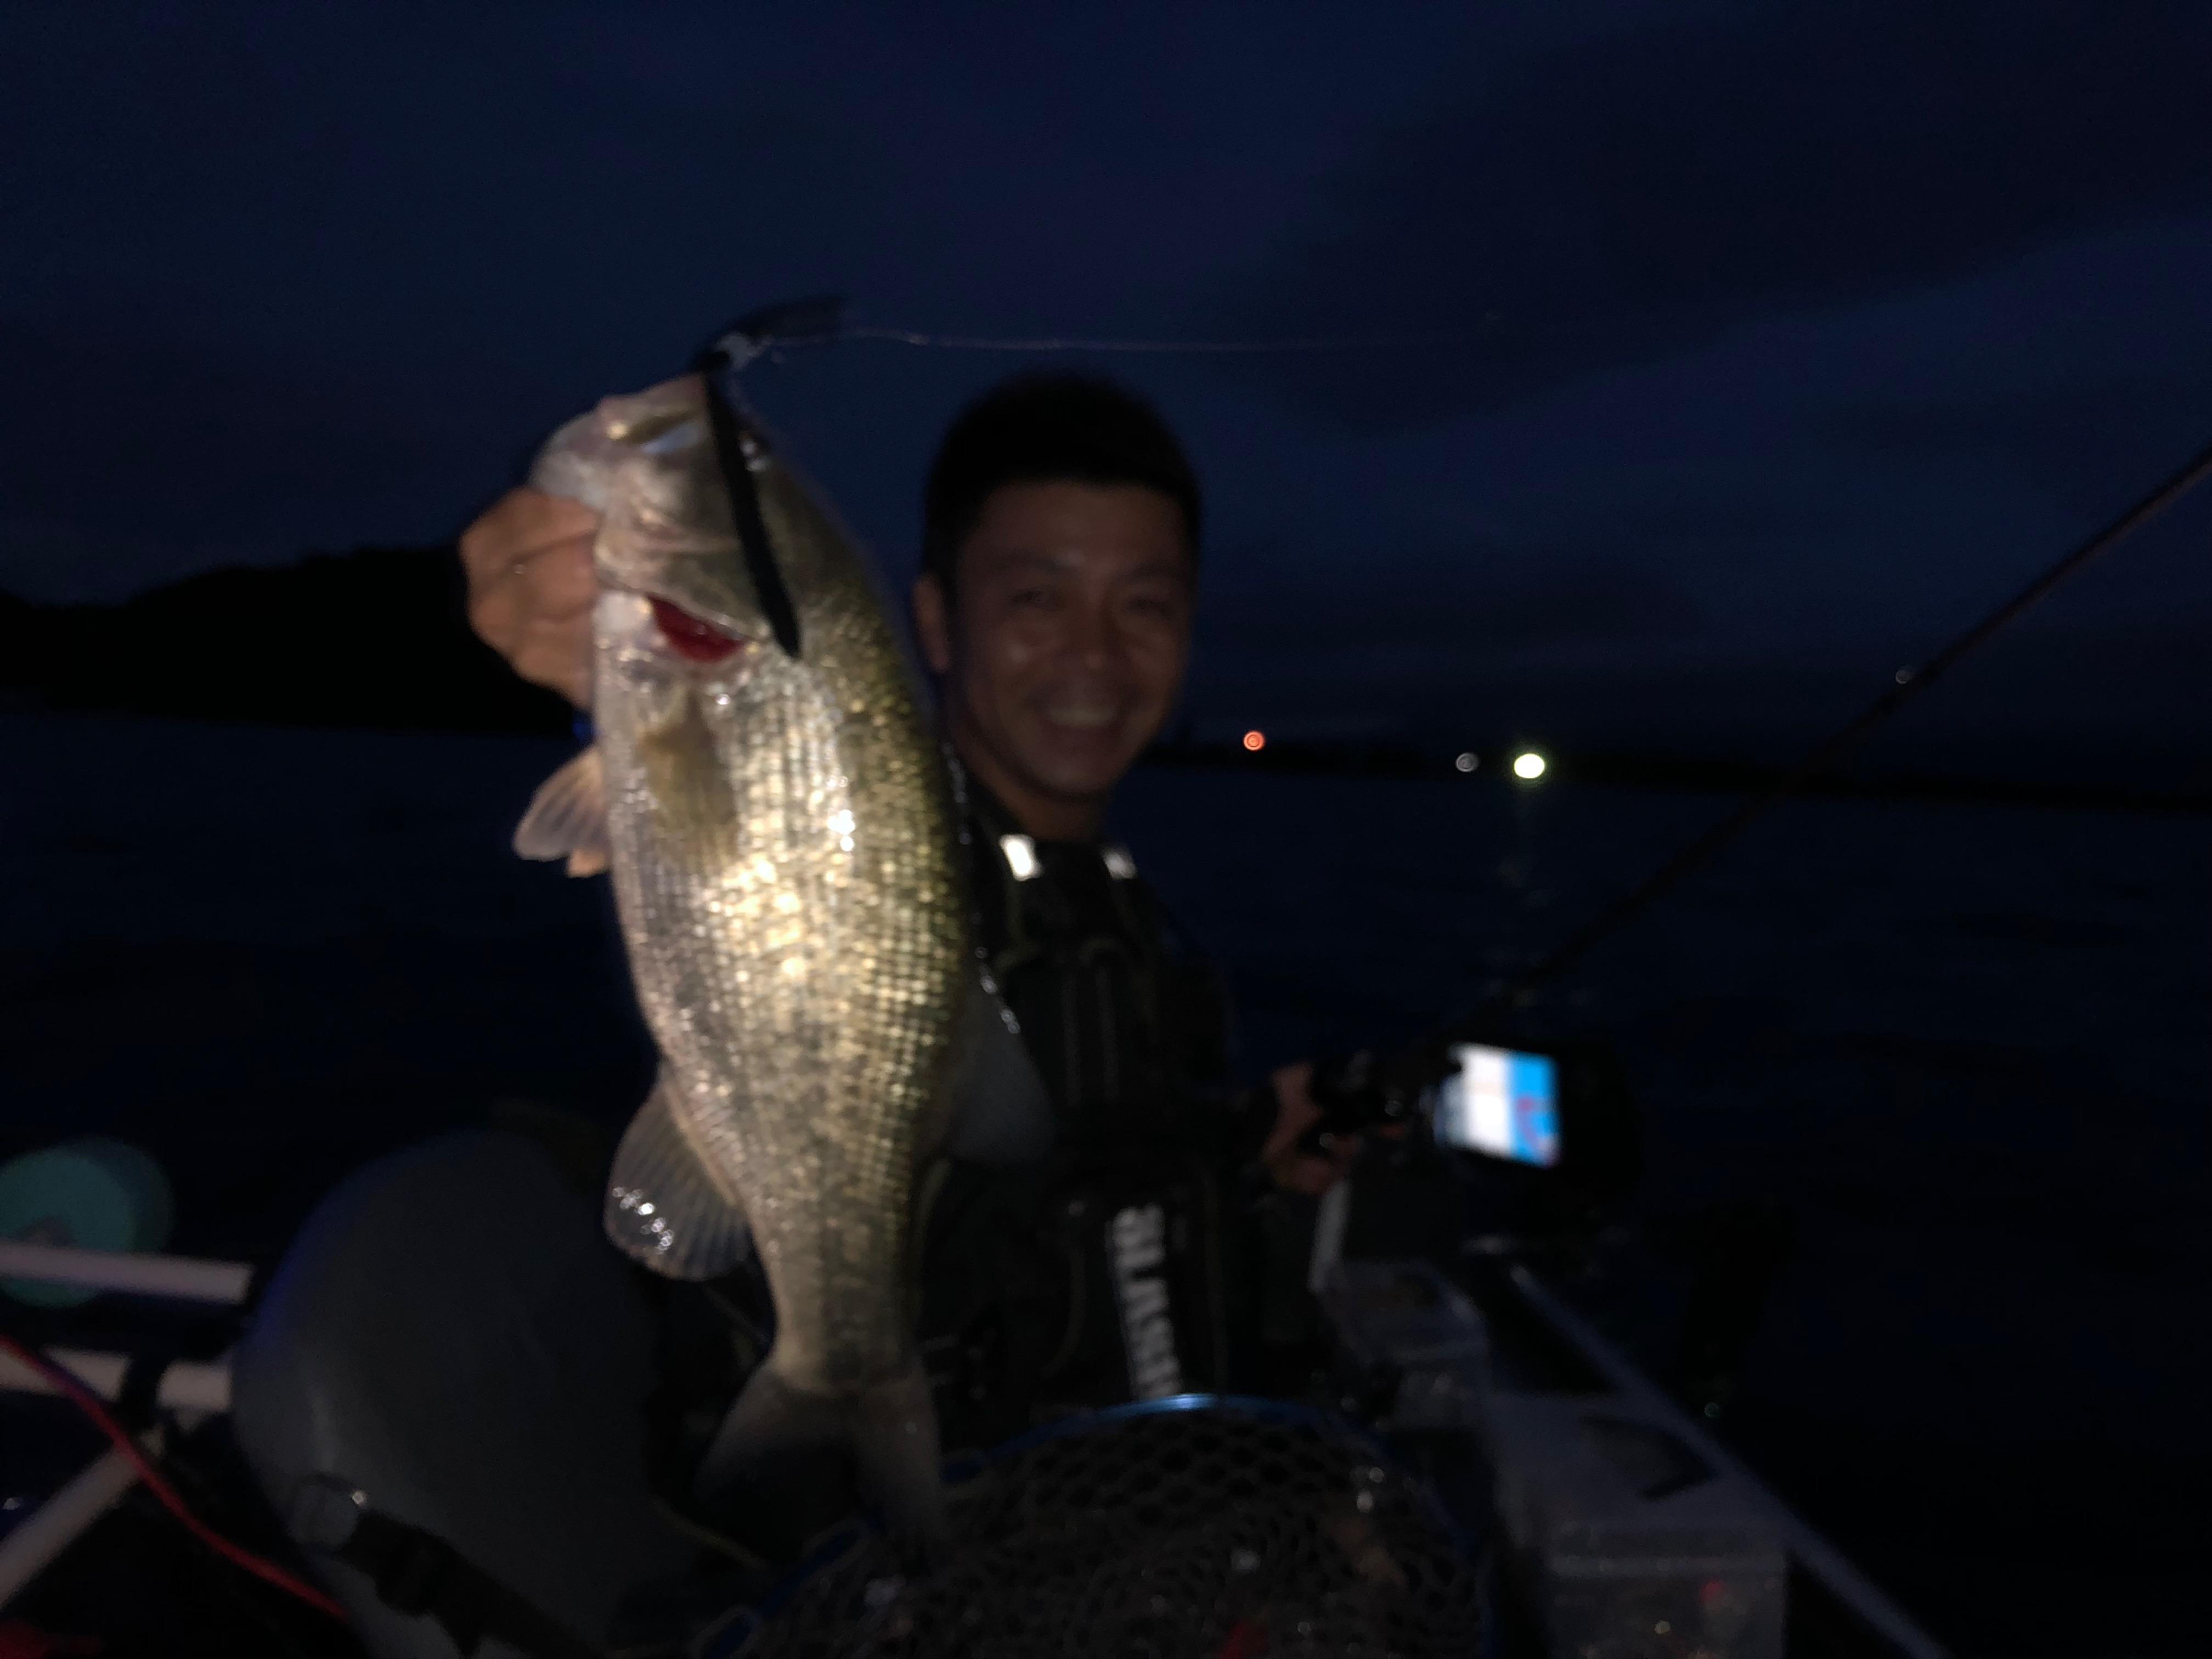 琵琶湖北湖でゲストさんにアノストネコで釣ってもらった40UP